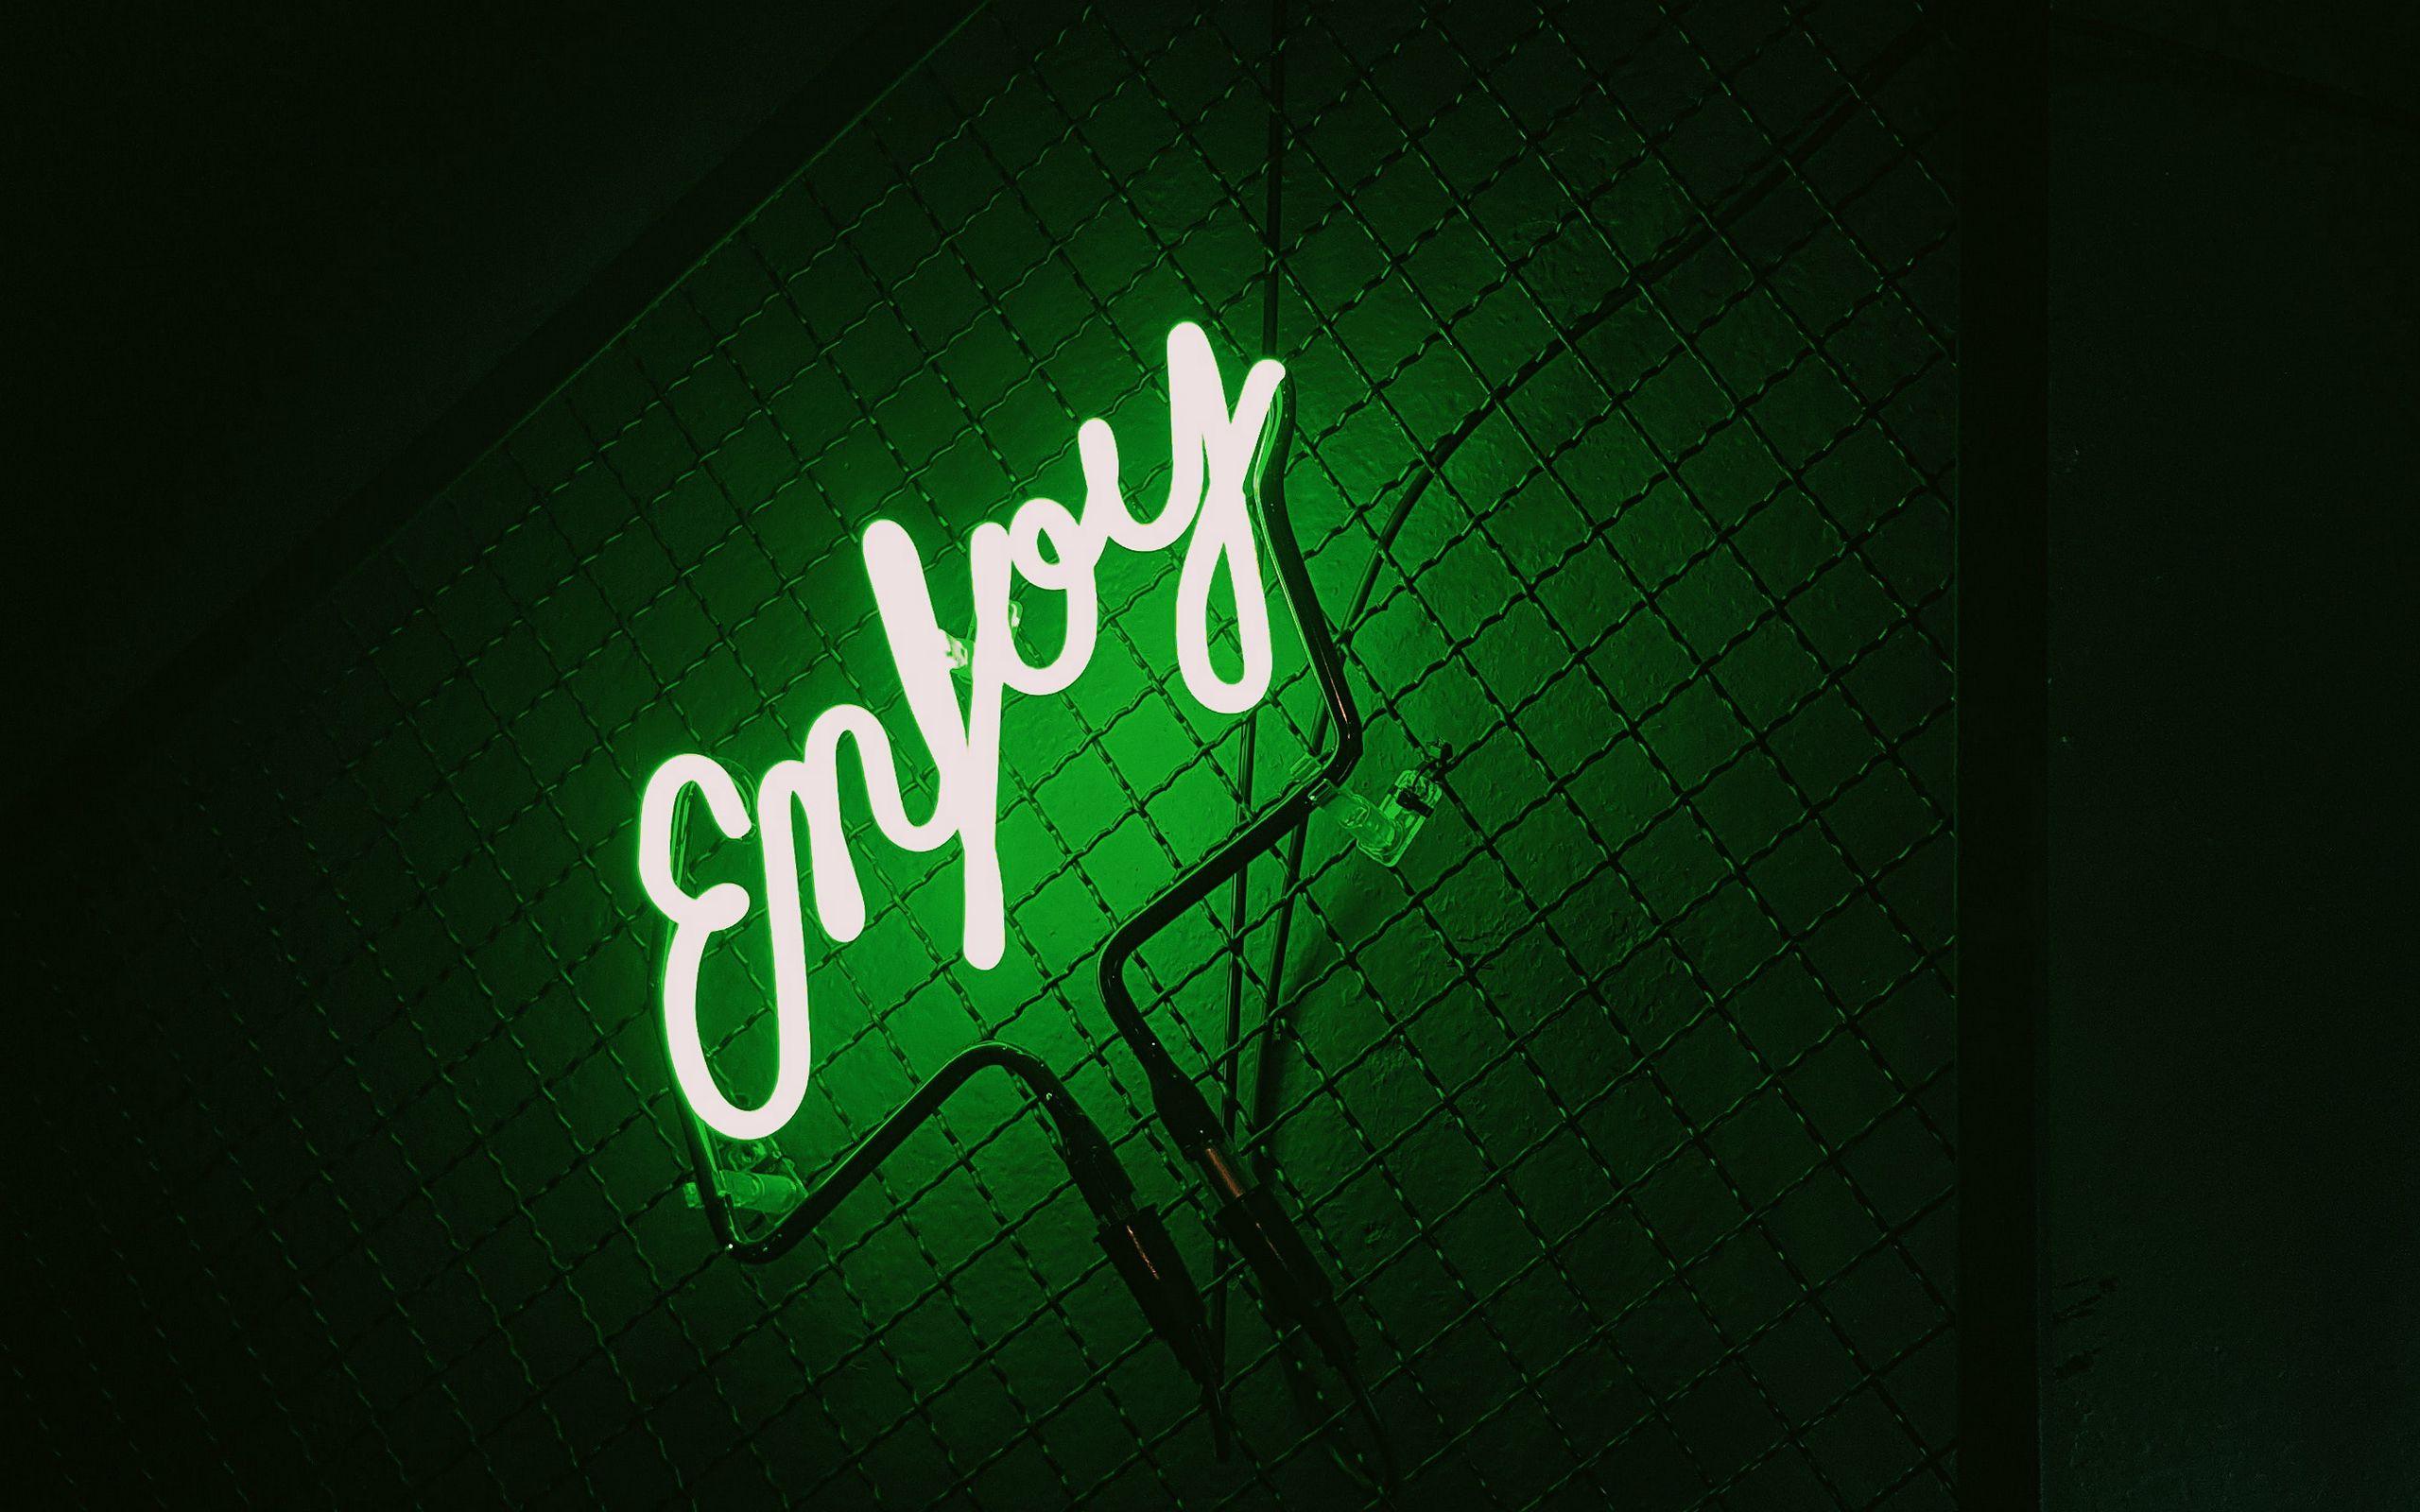 2560x1600 Wallpaper inscription, neon, backlight, green, dark